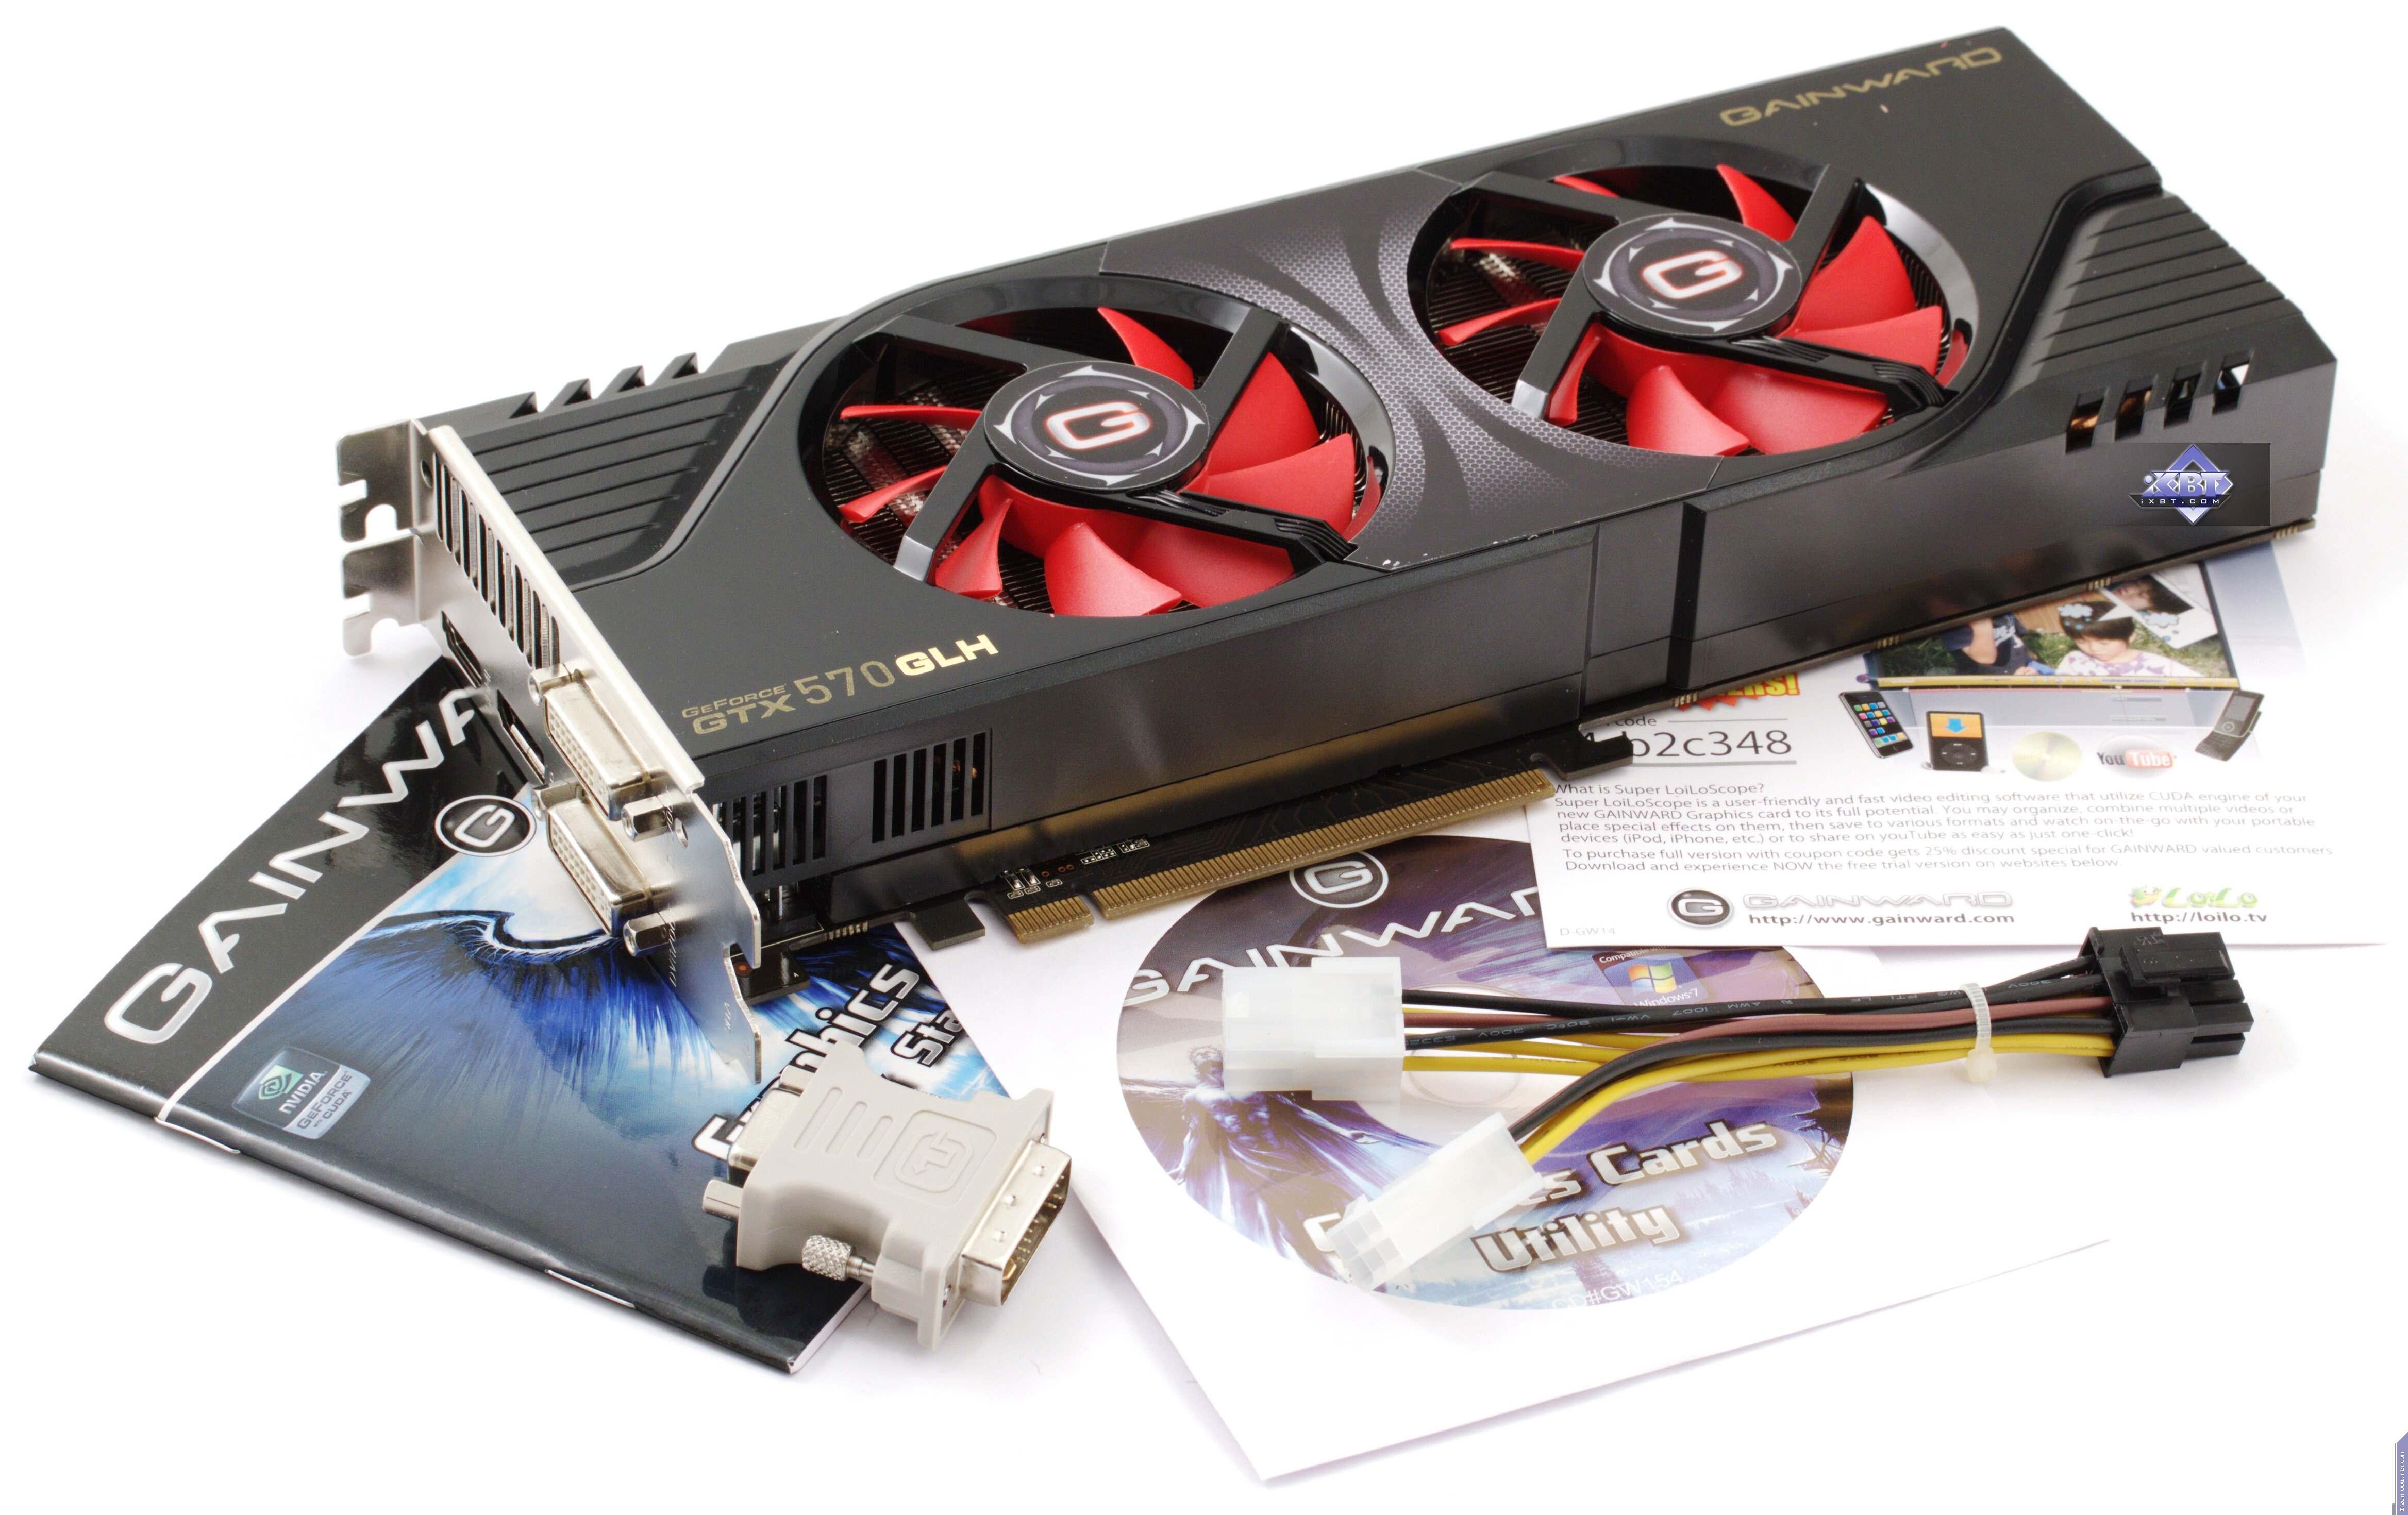 Geforce gtx 570 драйвера скачать